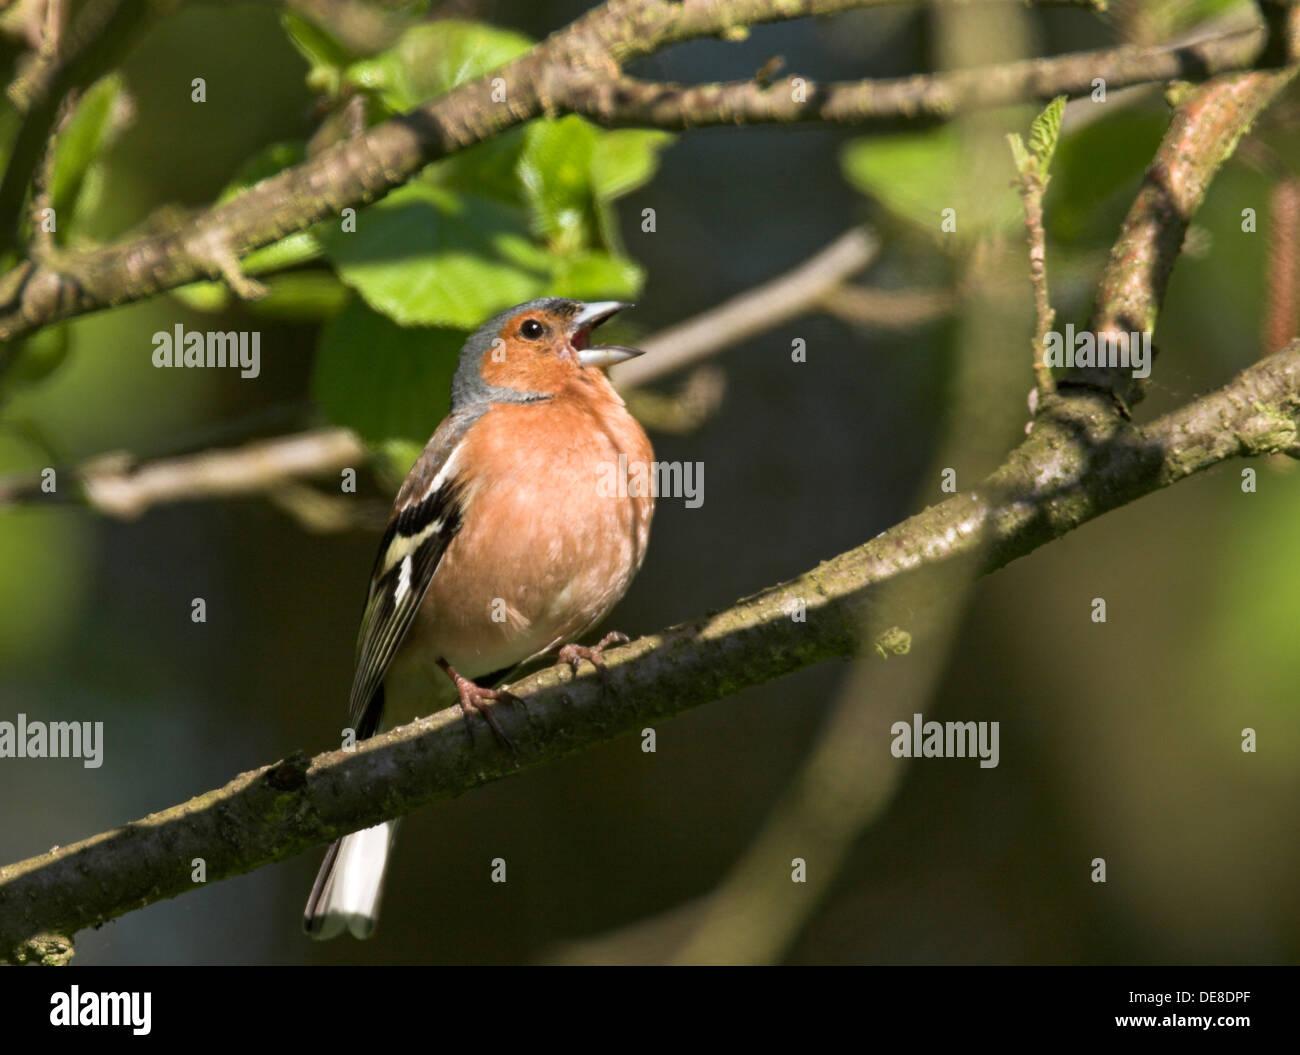 Buchfink, Männlich, Buchfink, Buch-Fink, Singendes Männchen, Fringilla Coelebs Stockfoto